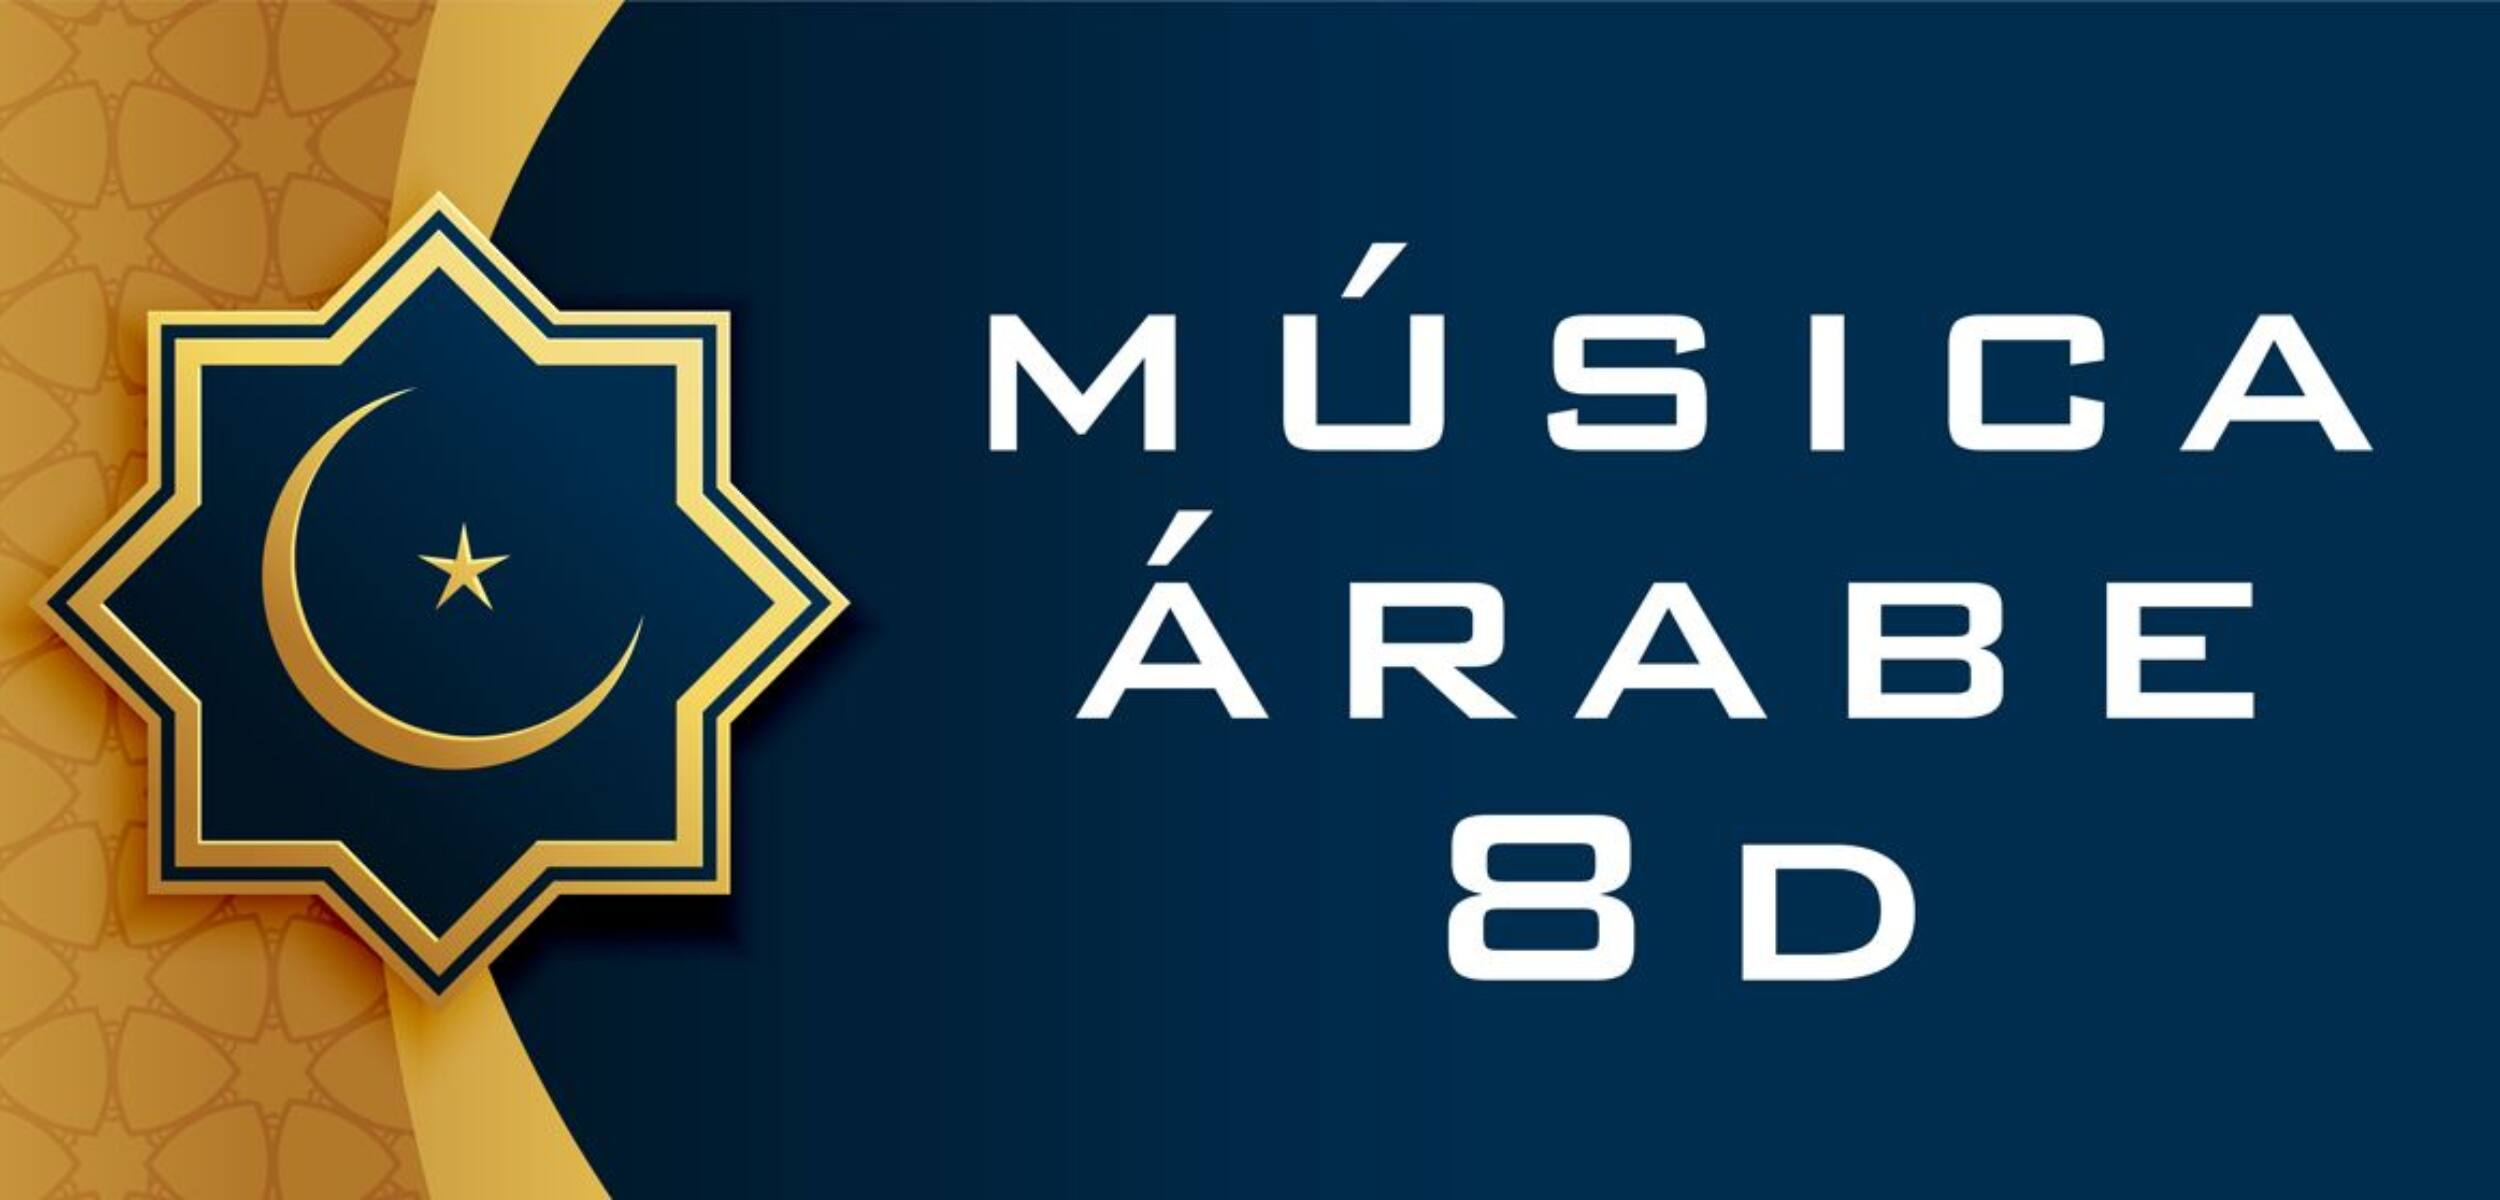 Música 8D árabe